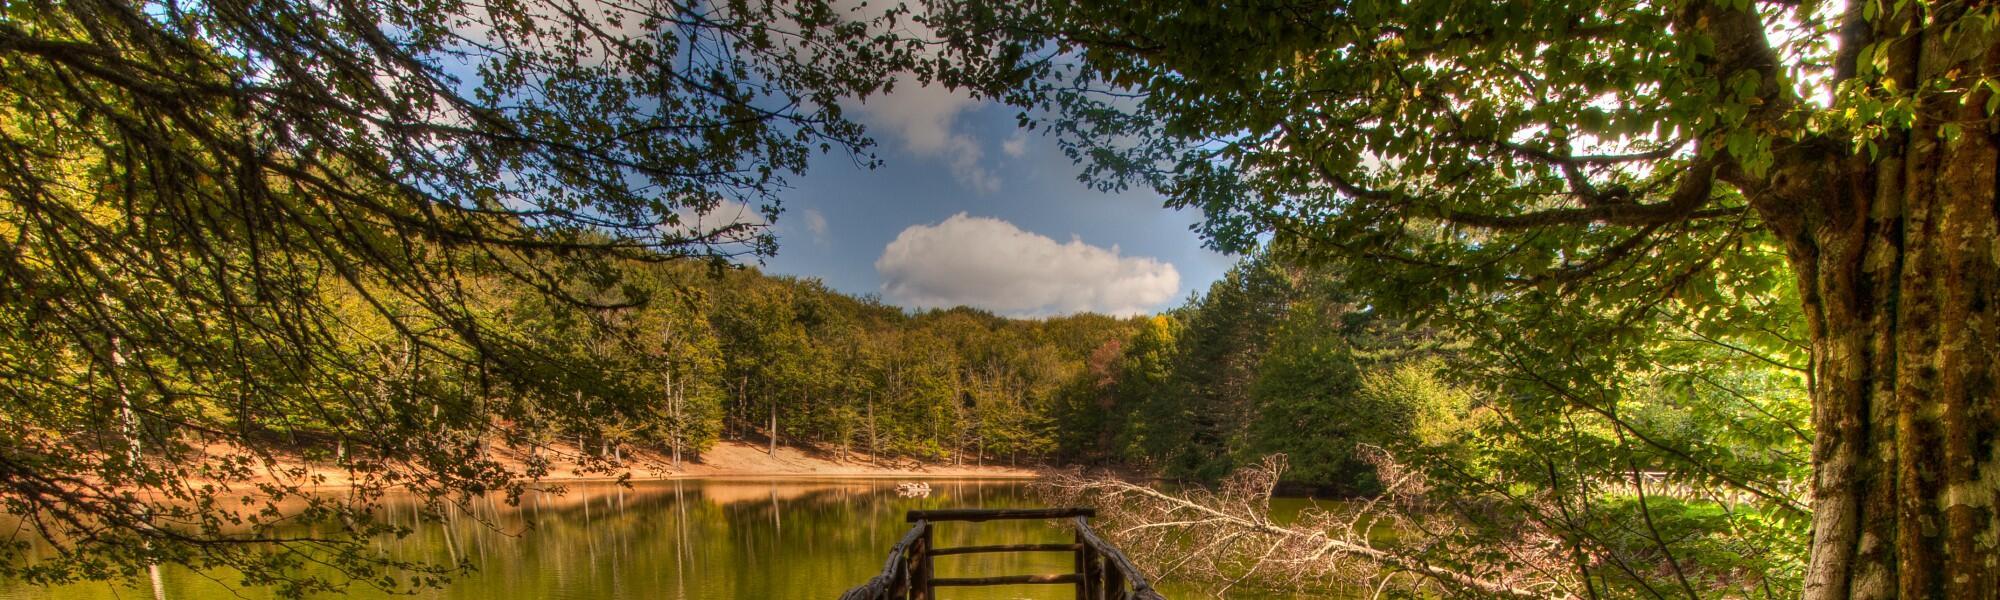 Vacanza alla scoperta della Foresta Umbra in Residence a Peschici